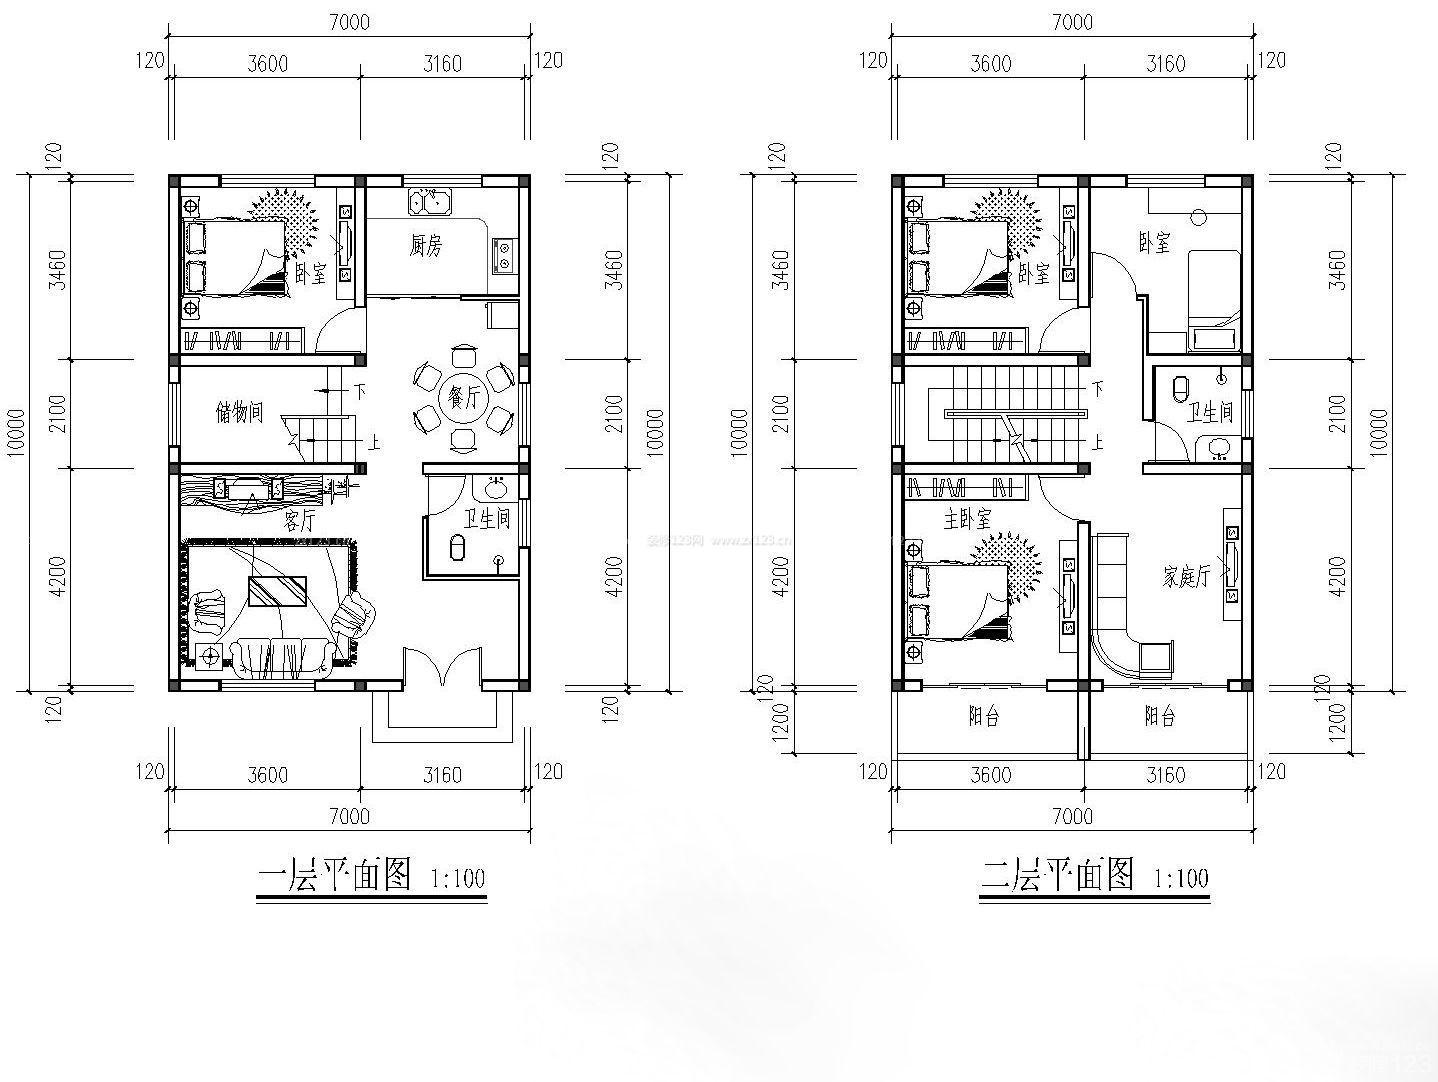 8x13.5别墅图片大全|别墅设计图纸下载